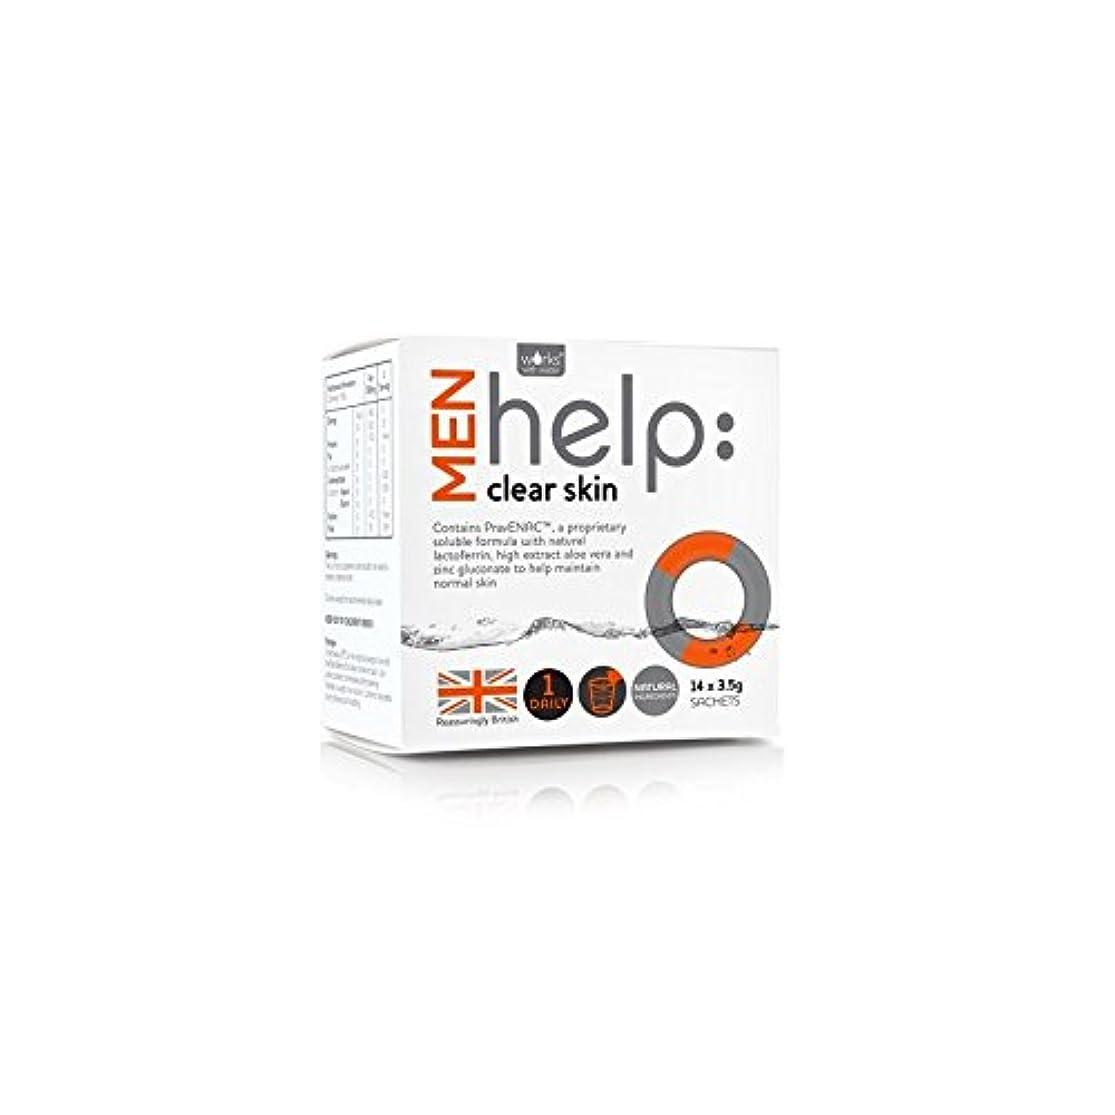 データベース雰囲気多分クリアな肌可溶性サプリメント(14 3.5グラム):水男性の助けを借りて動作します x4 - Works With Water Men's Help: Clear Skin Soluble Supplement (14...